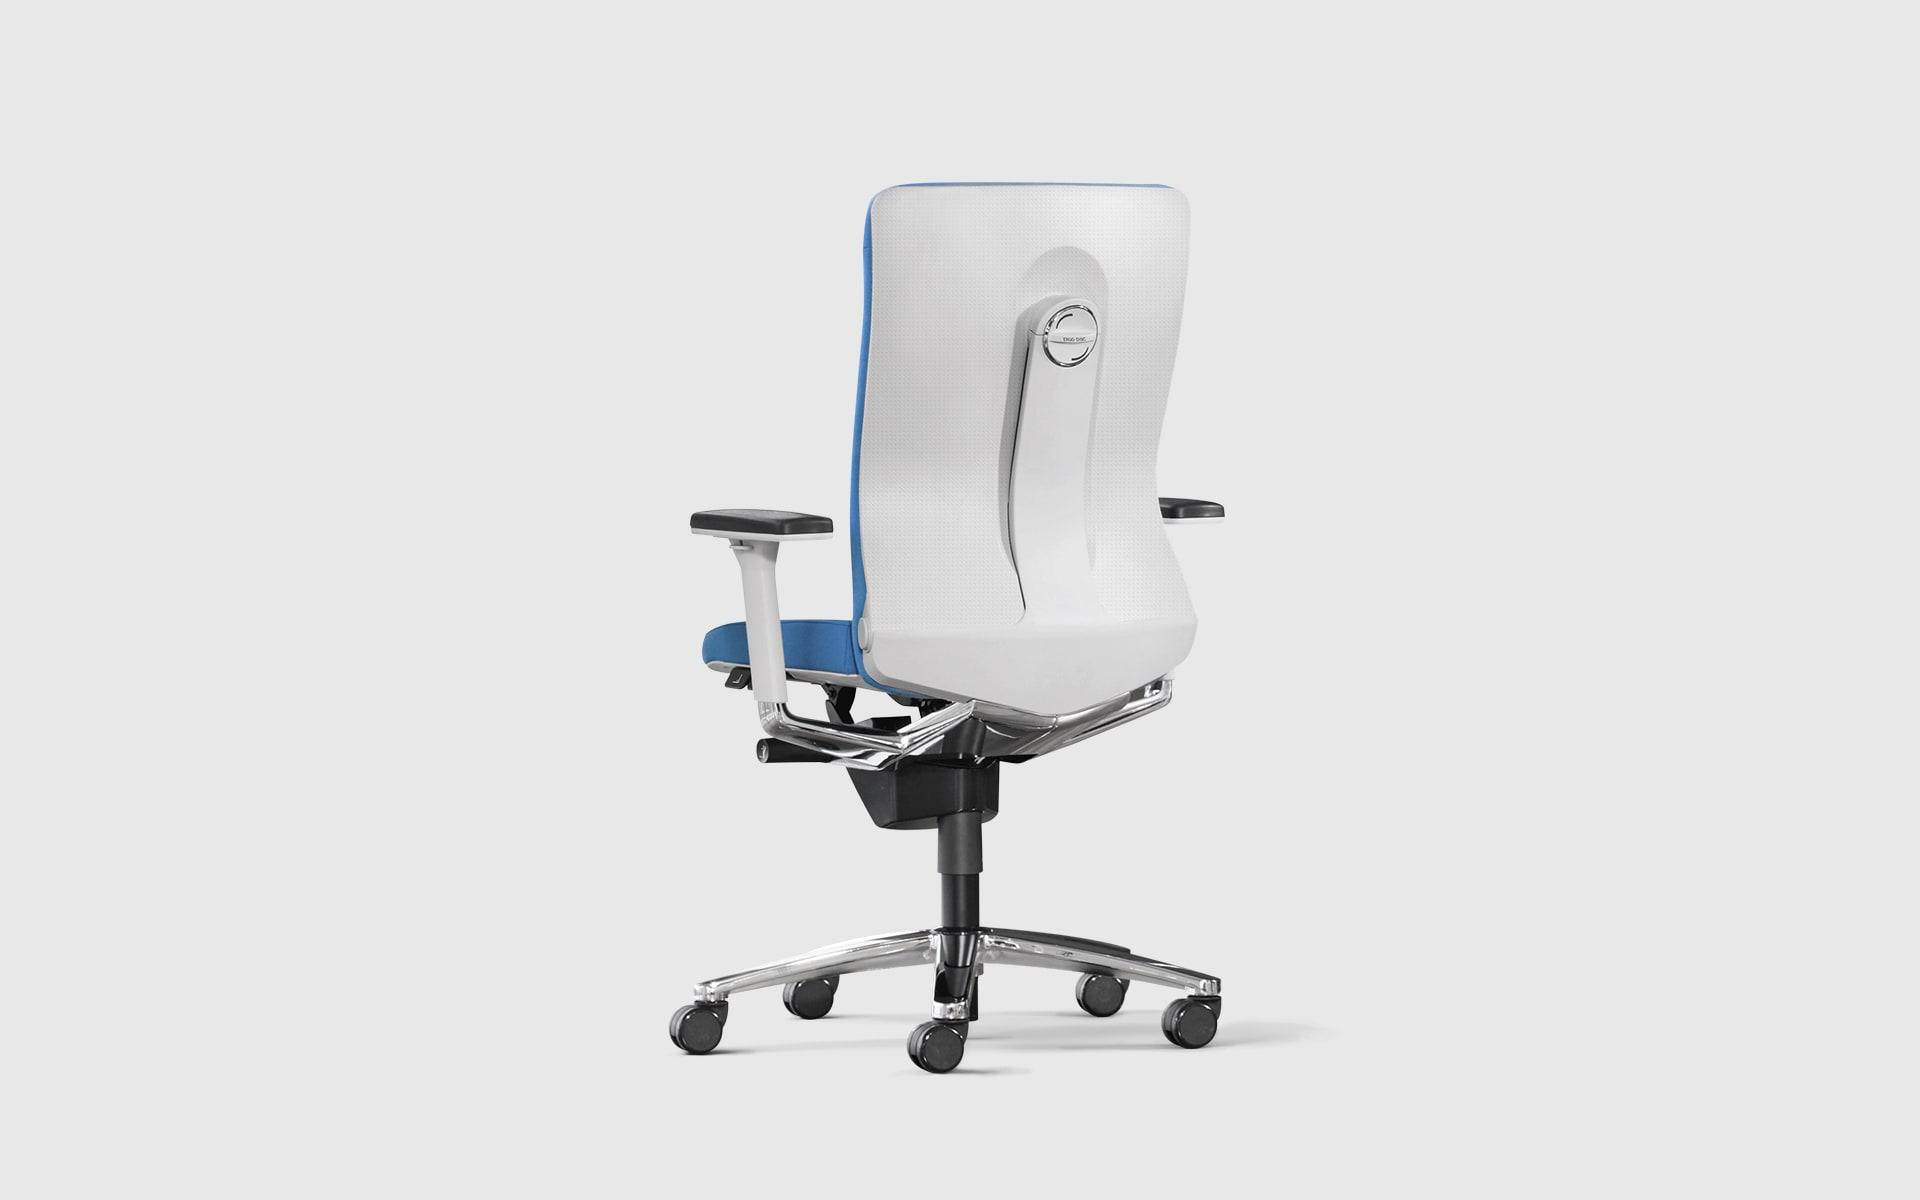 König + Neurath Lamiga Bürostuhl von ITO Design mit ergonomischer weisser Lehne und blauem Polster